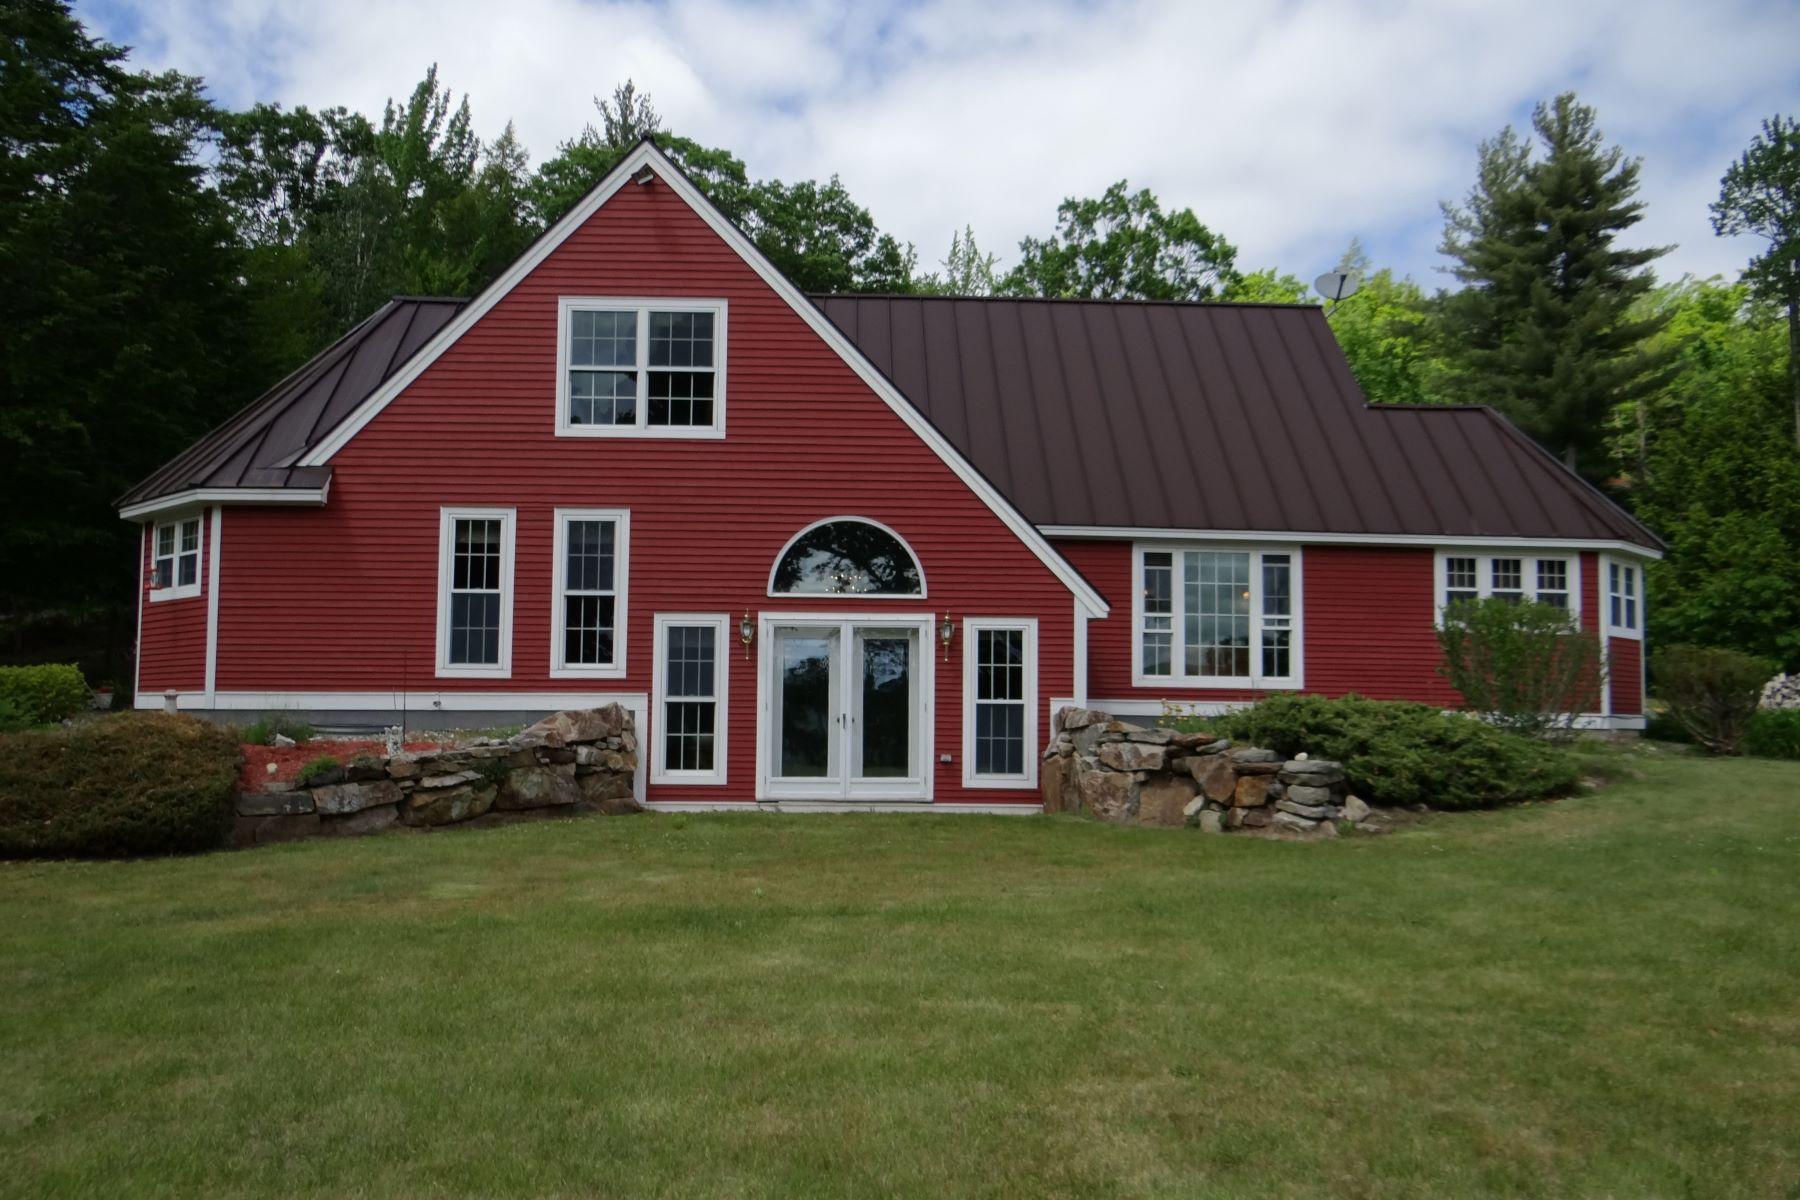 独户住宅 为 销售 在 Energy efficient with passive solar 135 Gove Rd Newport, 新罕布什尔州, 03773 美国